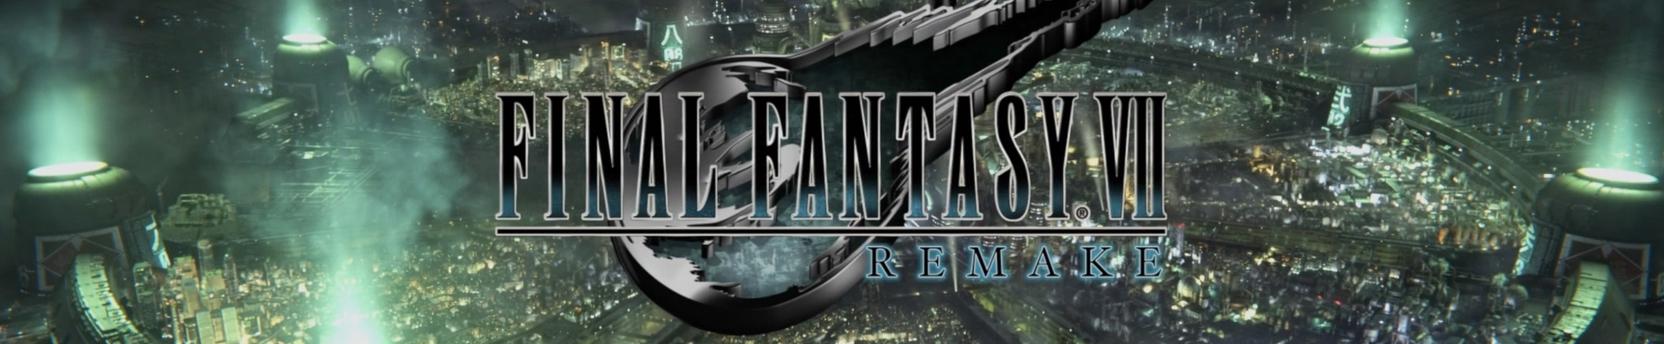 Final Fantasy VII, или когда английский перевод игры  это косяк на косяке